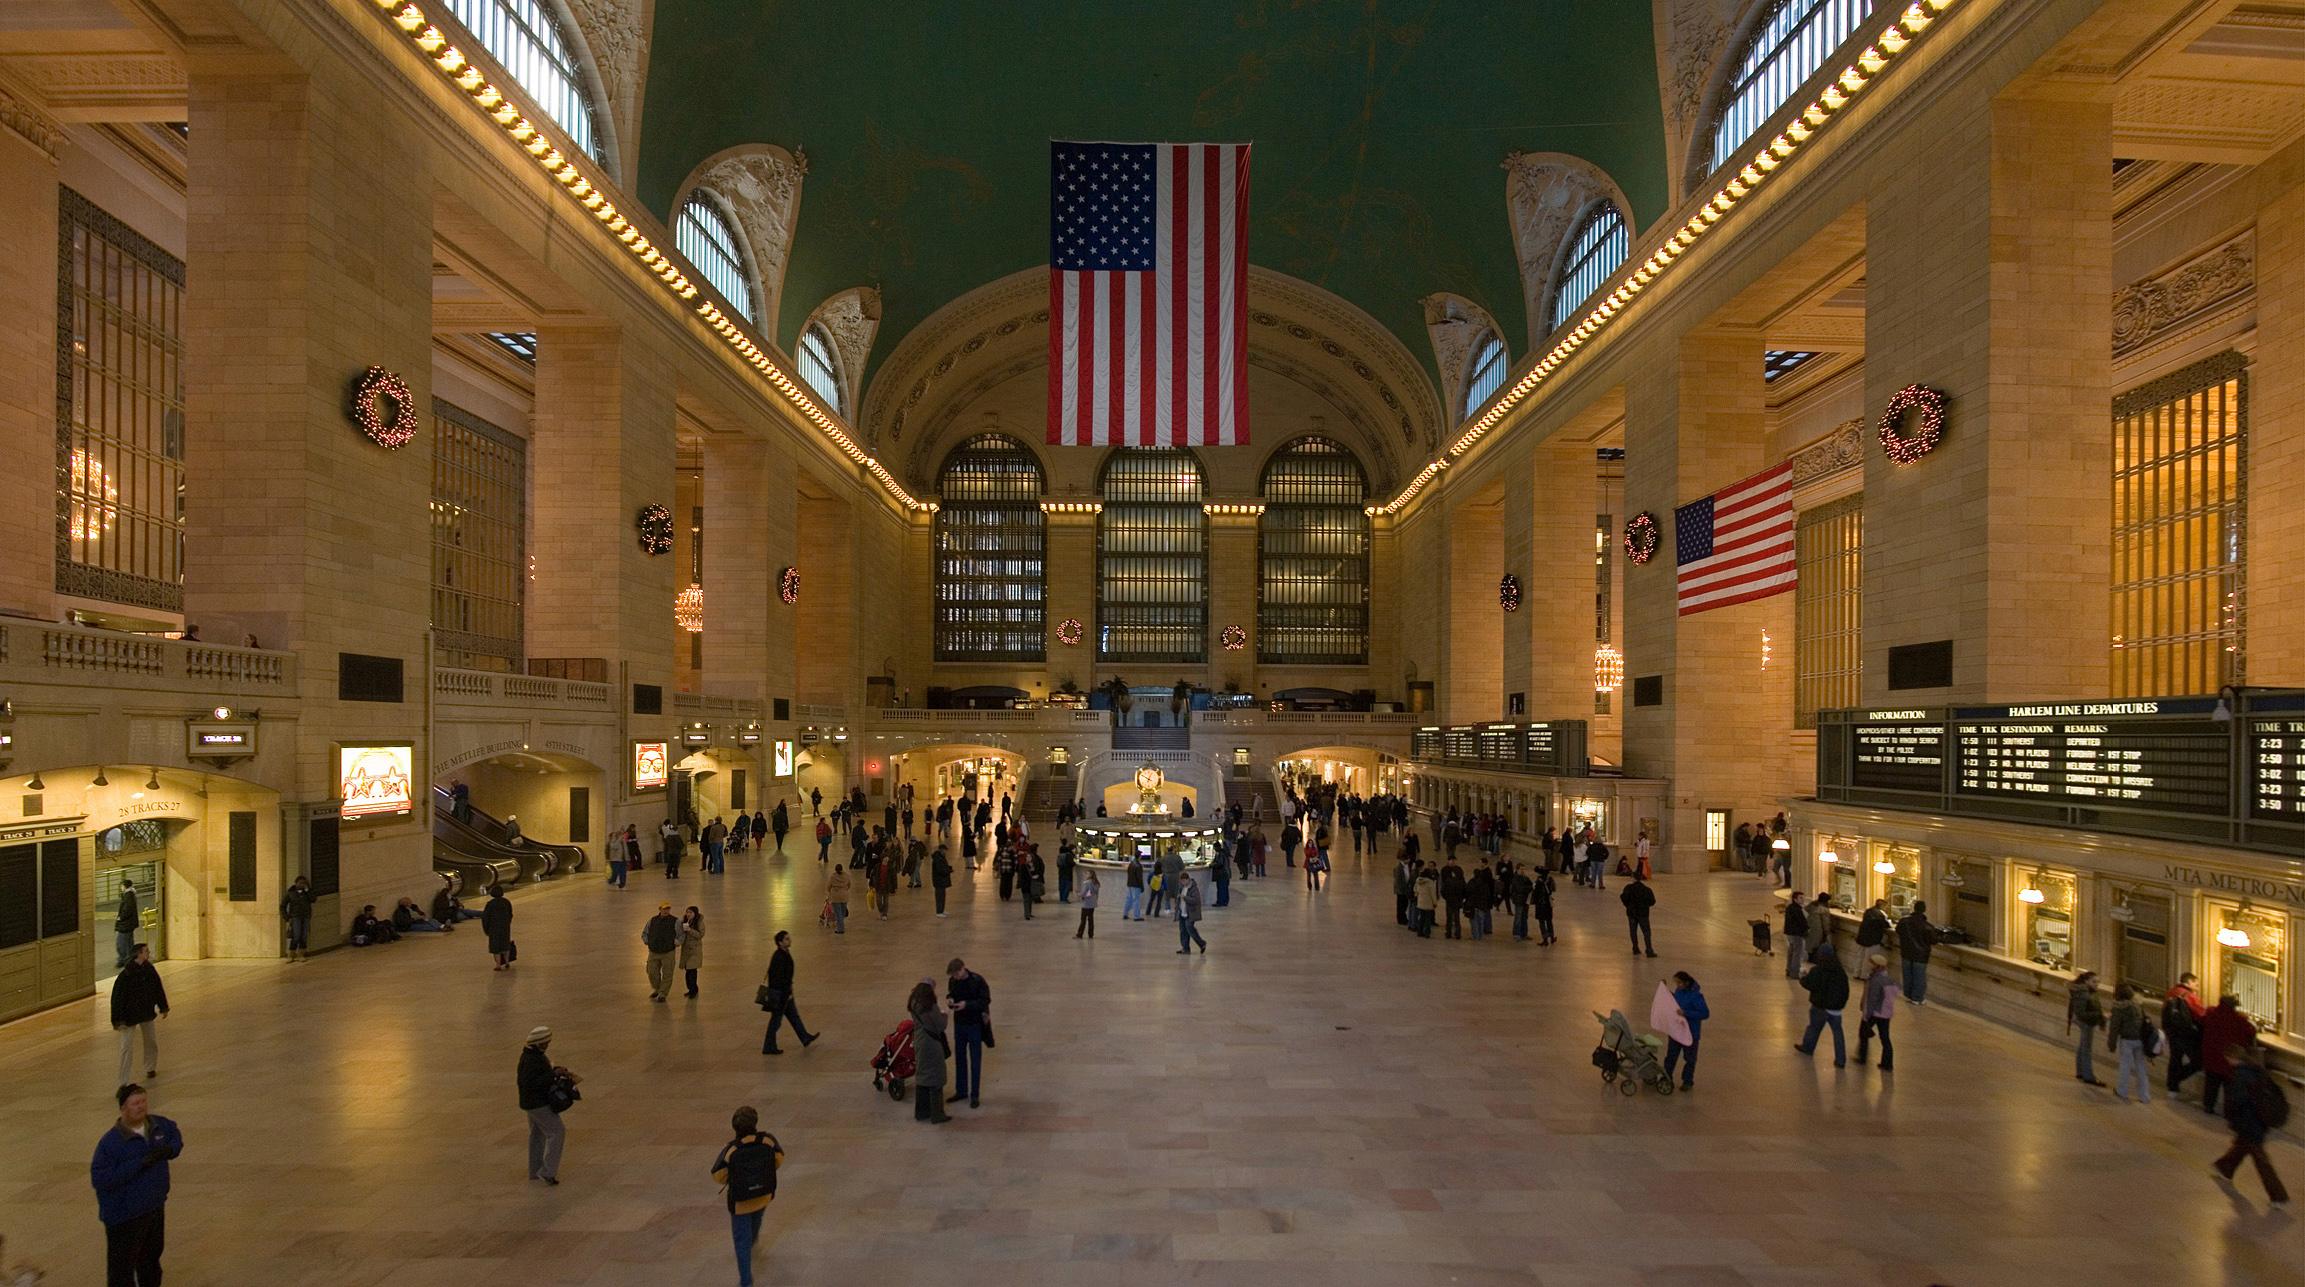 La estacion de trenes mas grande del mundo